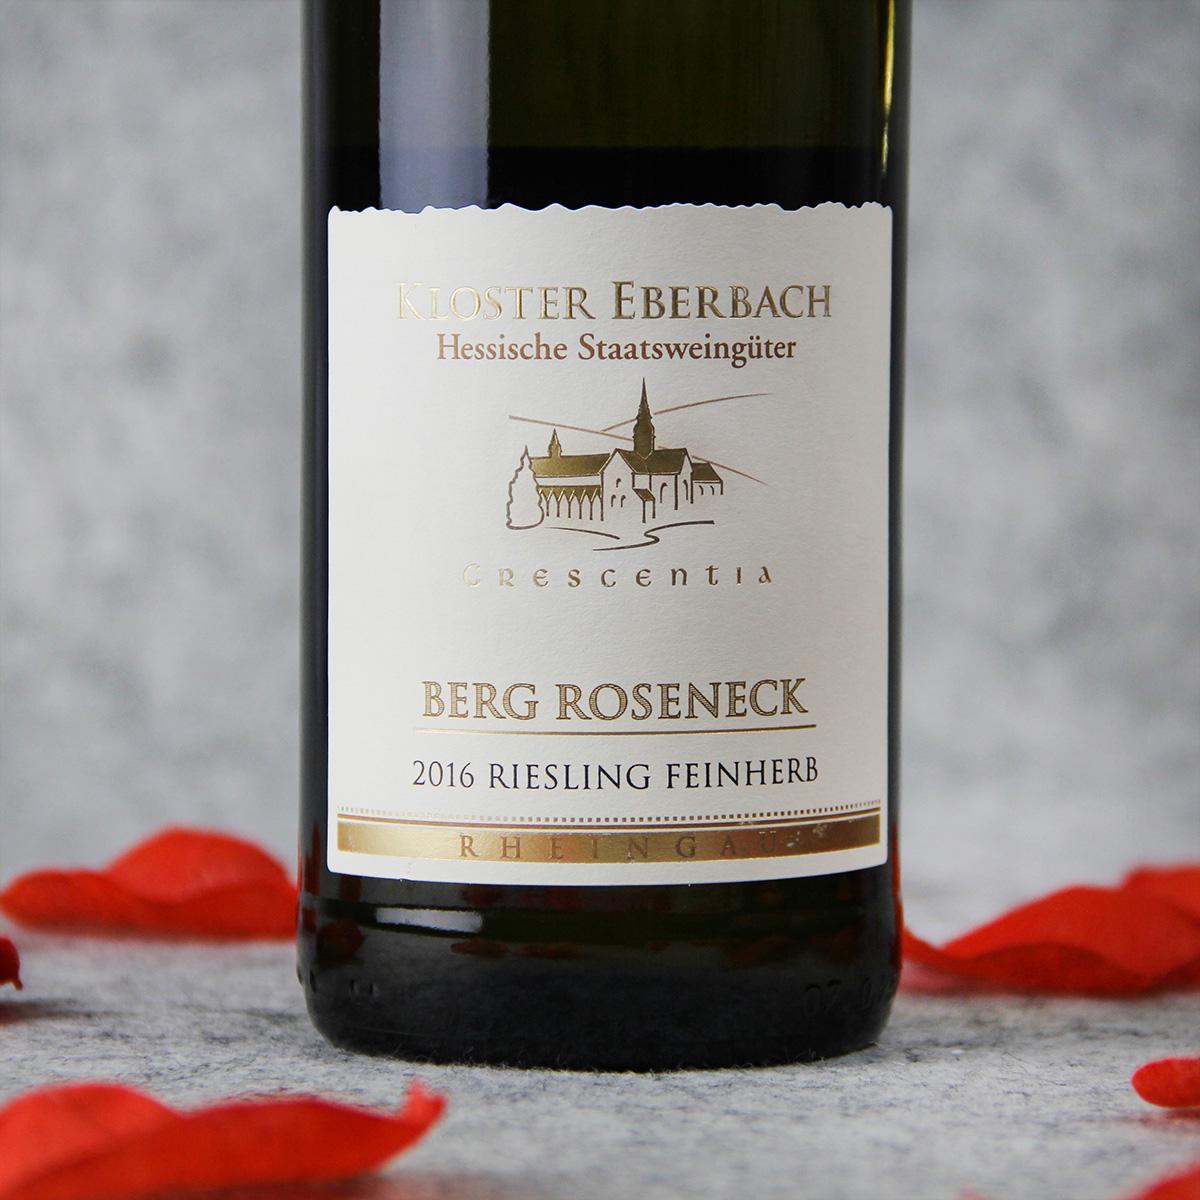 德国莱茵高埃伯巴赫酒庄雷司令玫瑰庄园VDP一级园半干白葡萄酒